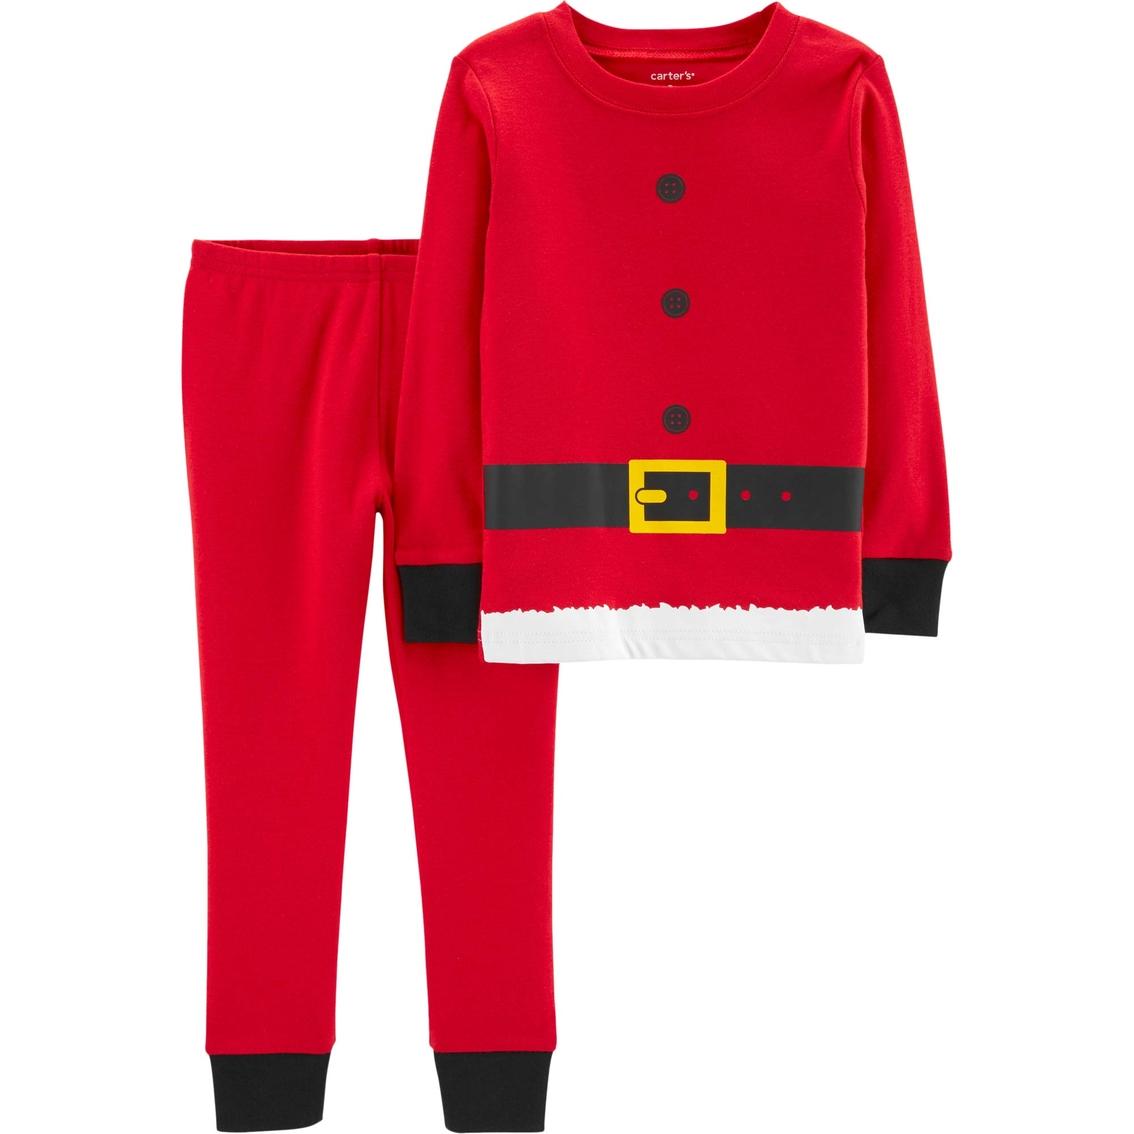 7a577d18039a Carter s Infant Boys 2 Pc. Santa Suit Pajama Set